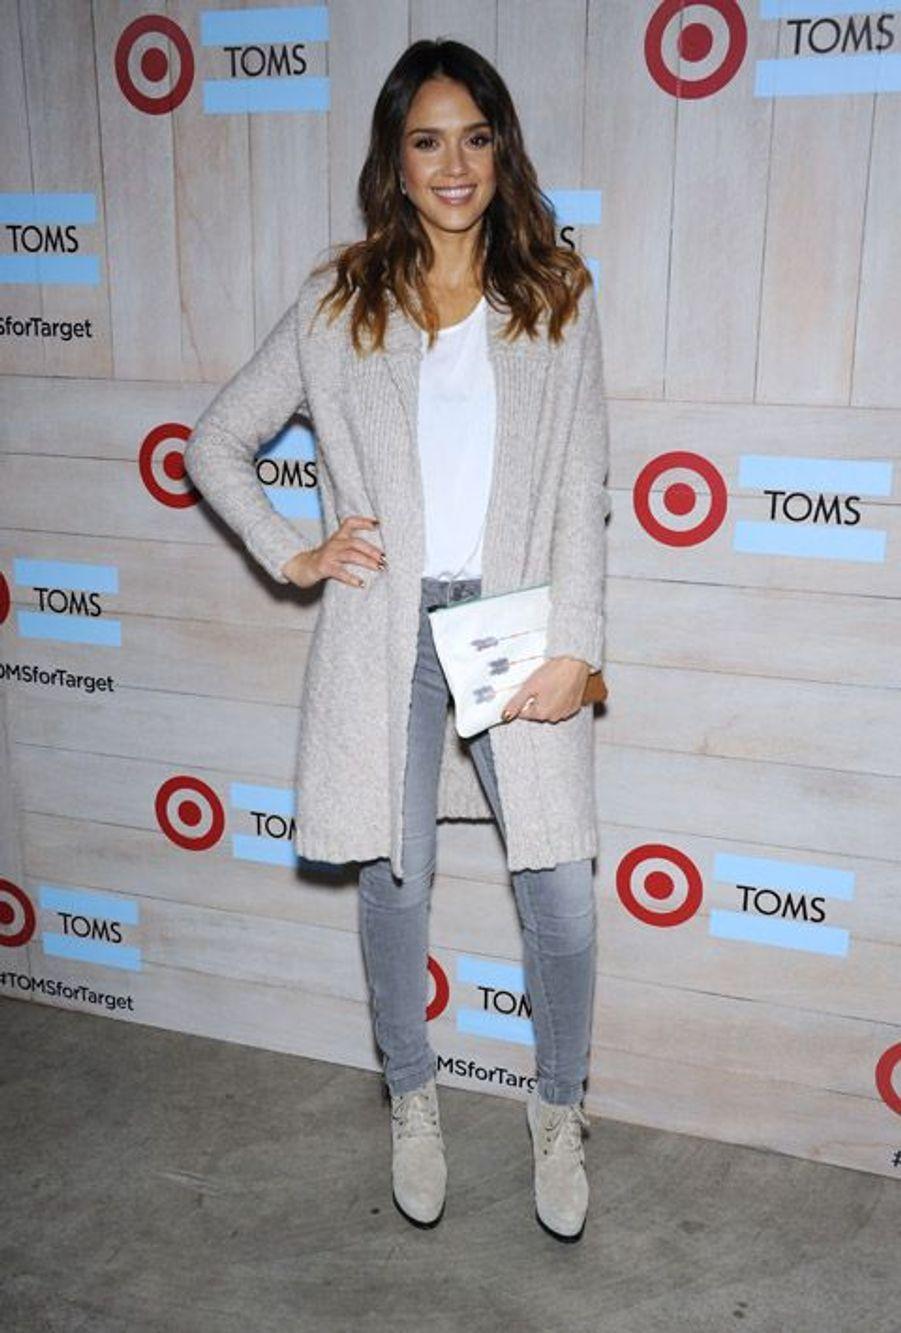 L'actrice Jessica Alba ose le jean sur tapis rouge le 12 novembre 2014 en Californie